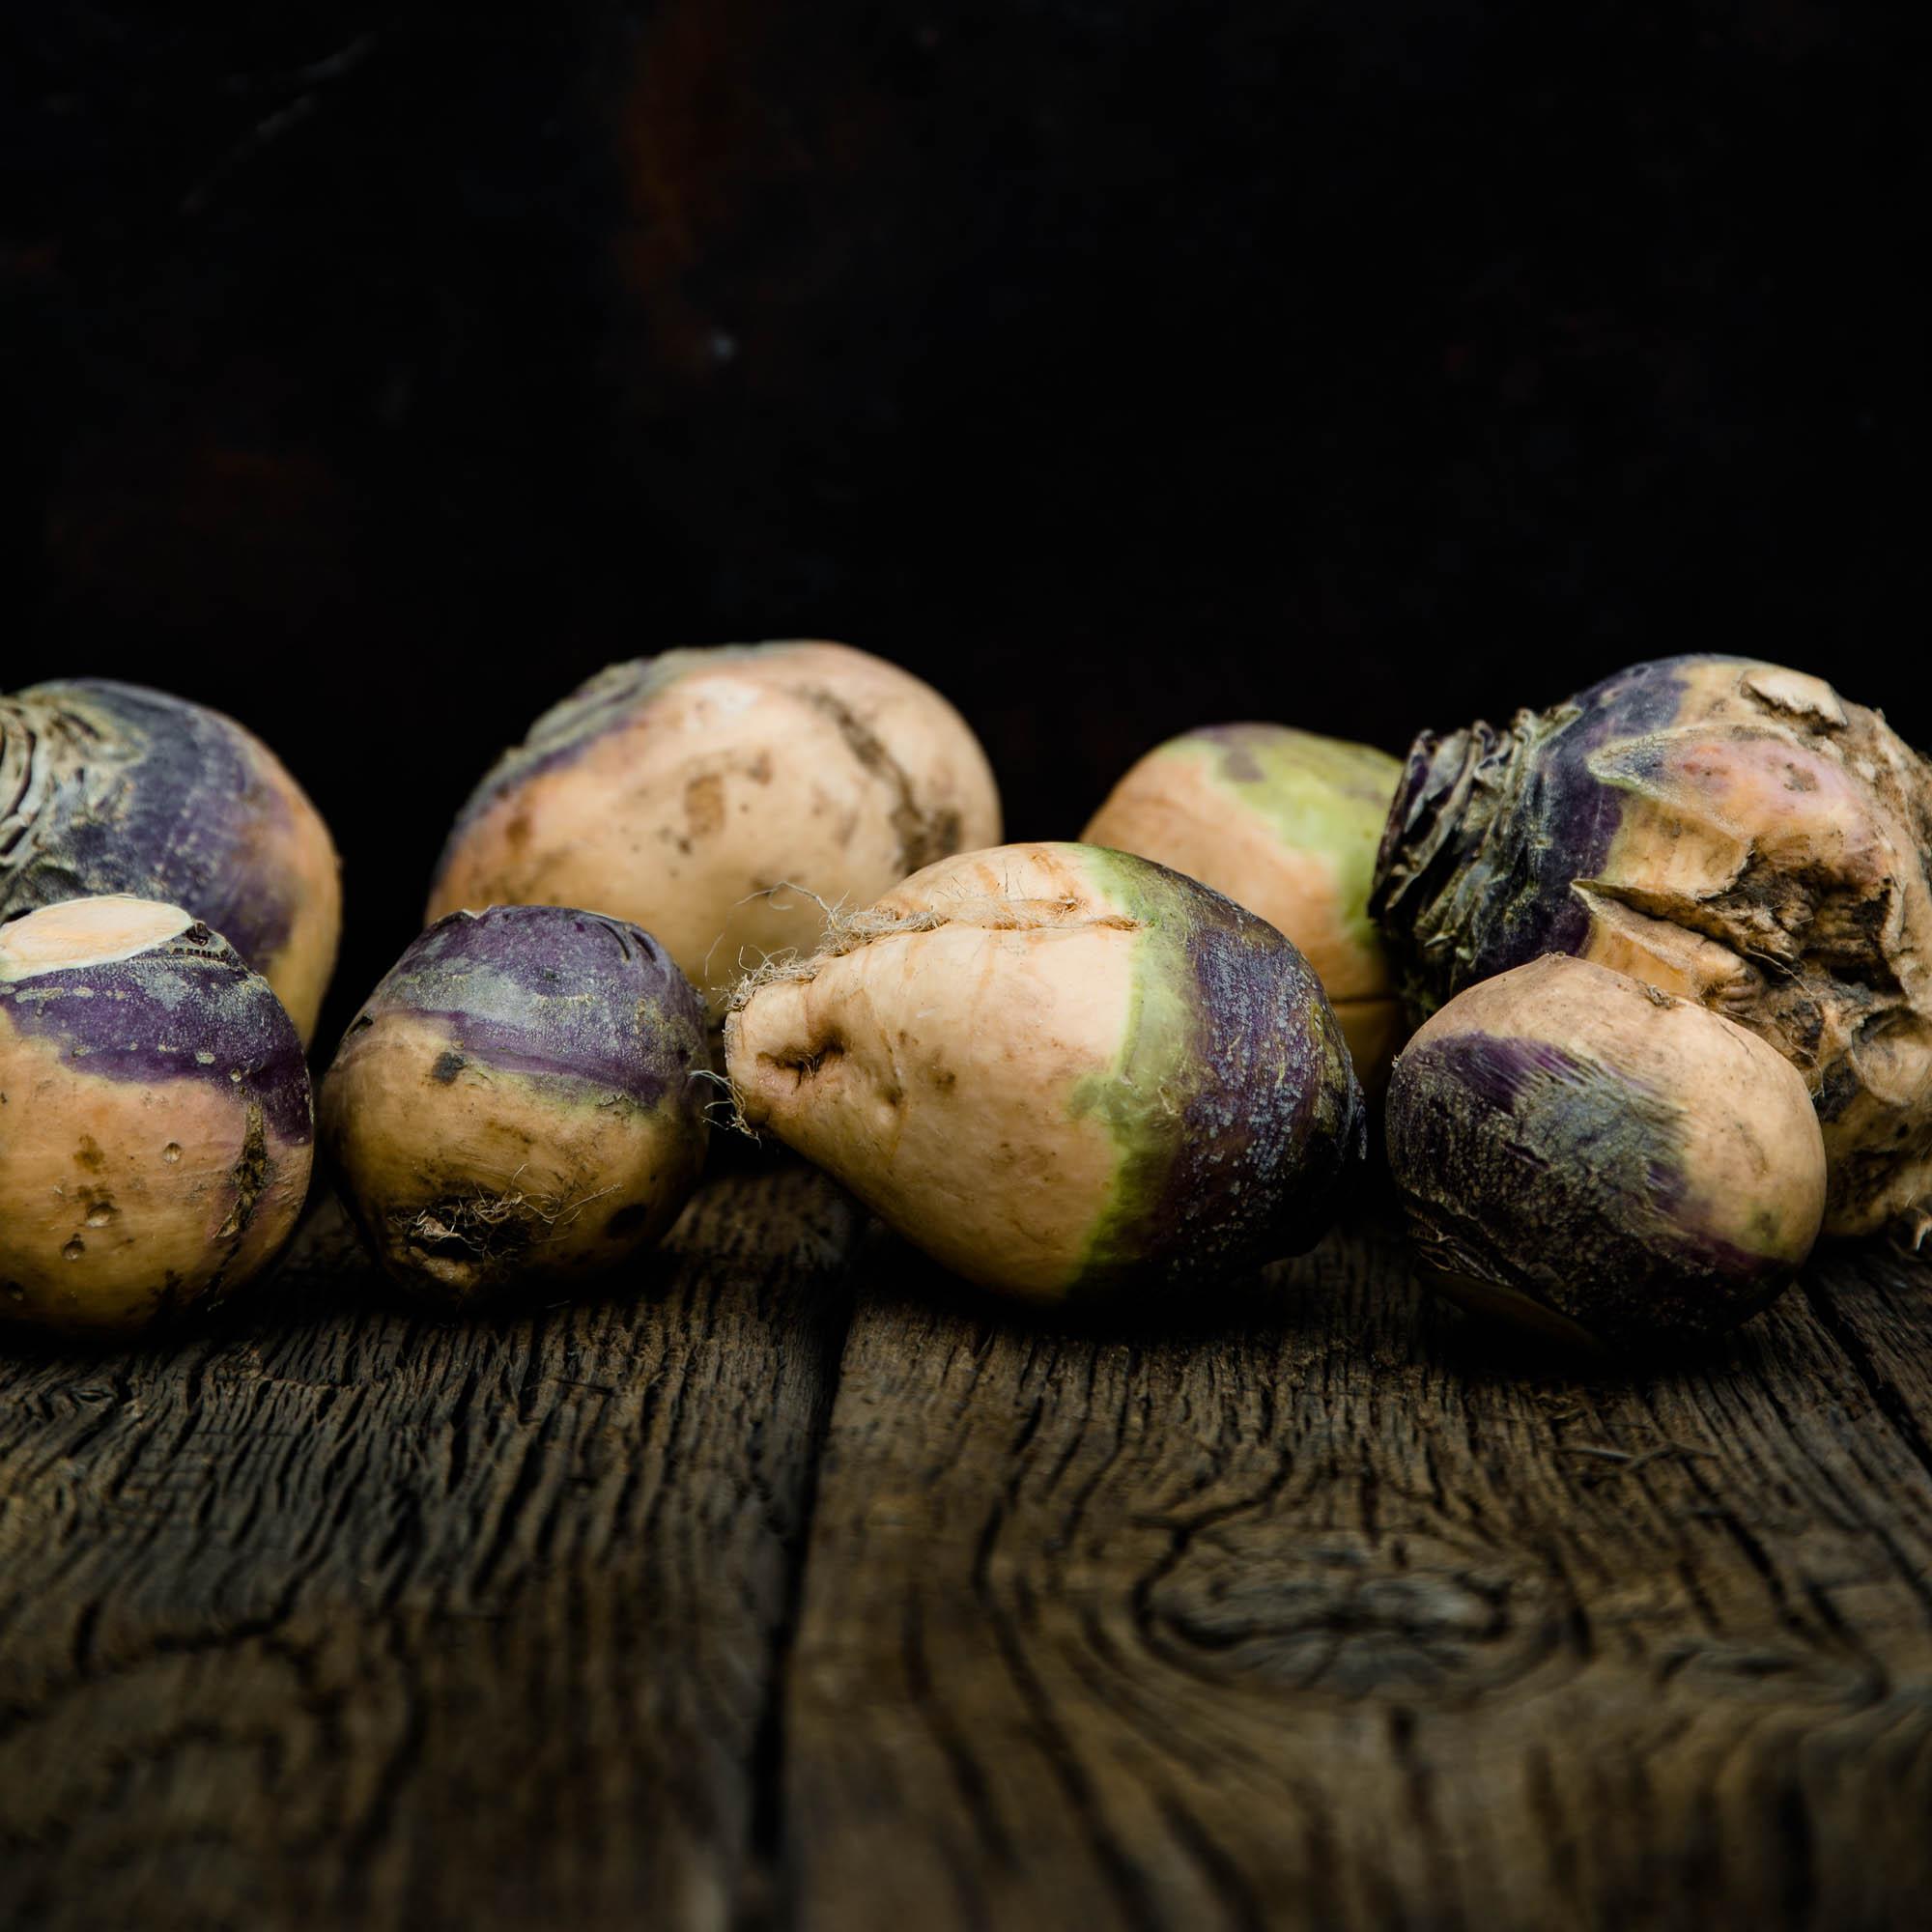 Bei diesem tollen, farbigen Mangold mussten wir einfach spontan zur Kamera greifen. - veggielicious   gemüse. fotos. rezepte.